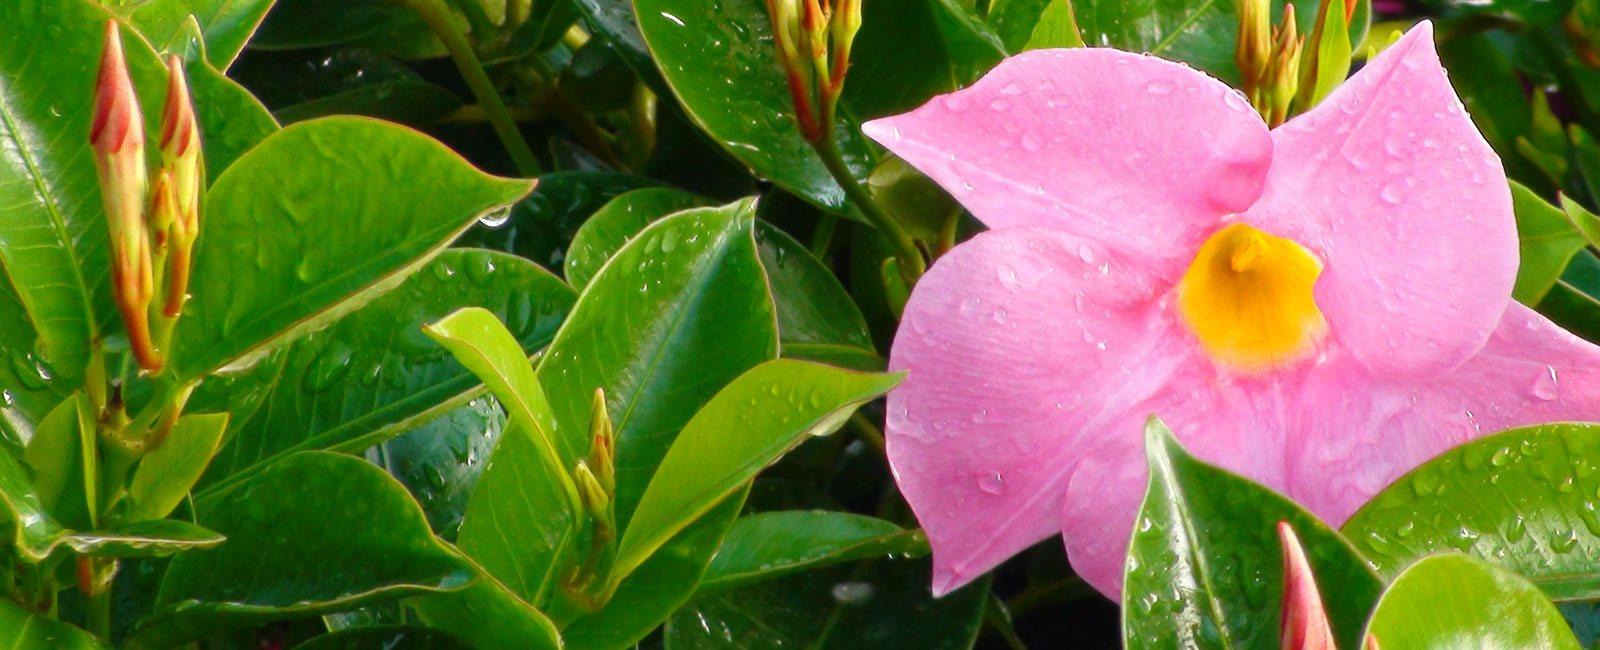 flor-de-dipladenia